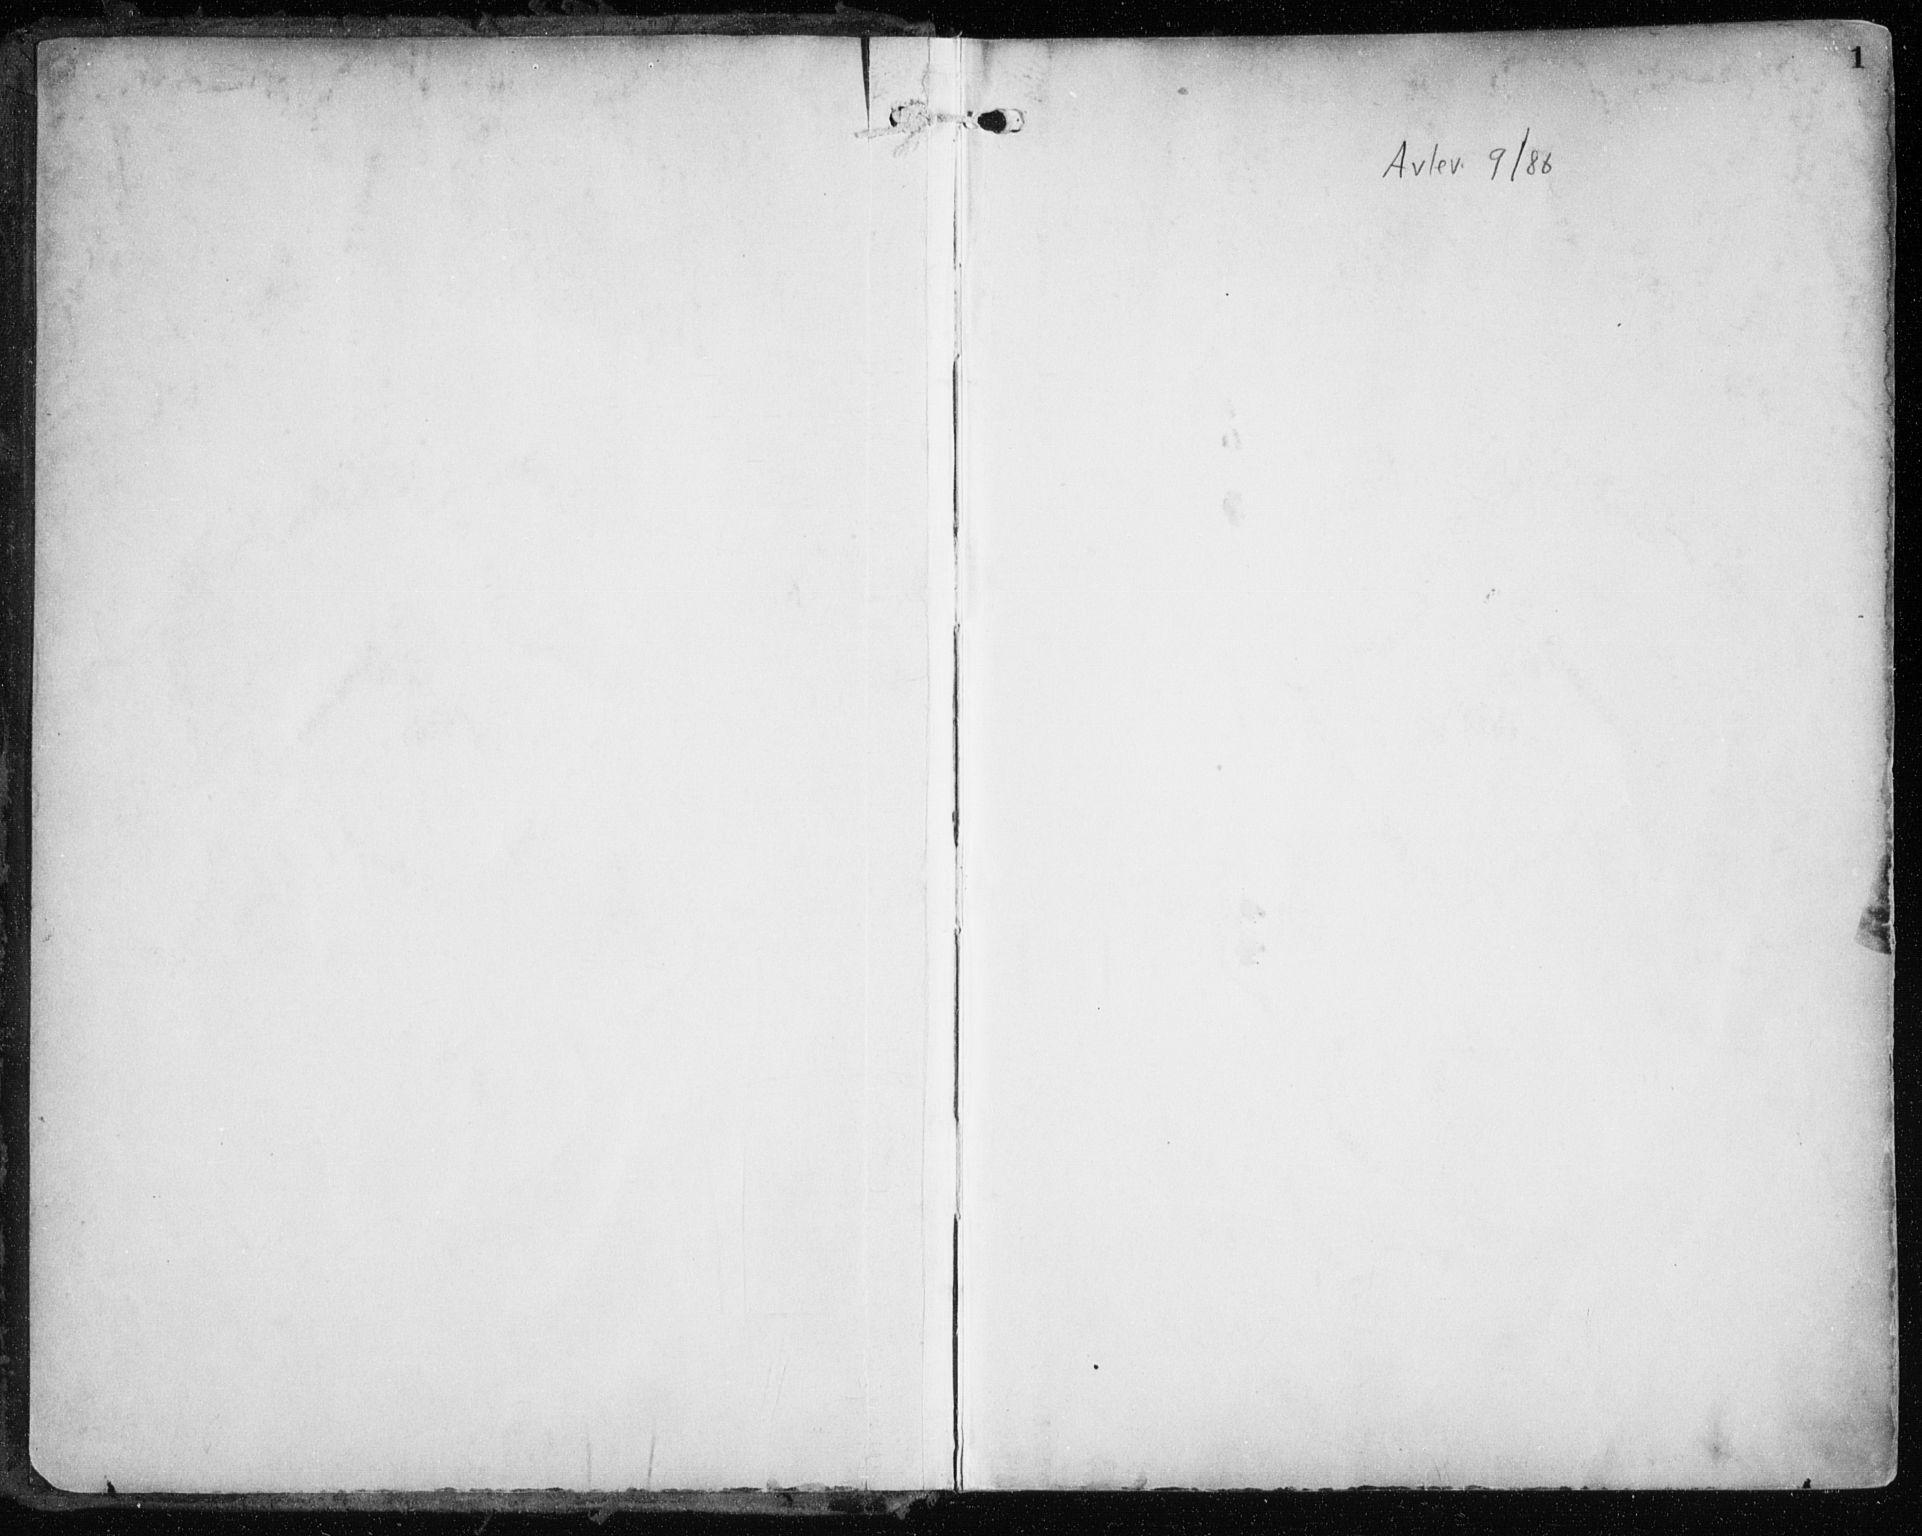 SATØ, Tromsøysund sokneprestkontor, G/Ga/L0006kirke: Ministerialbok nr. 6, 1897-1906, s. 1